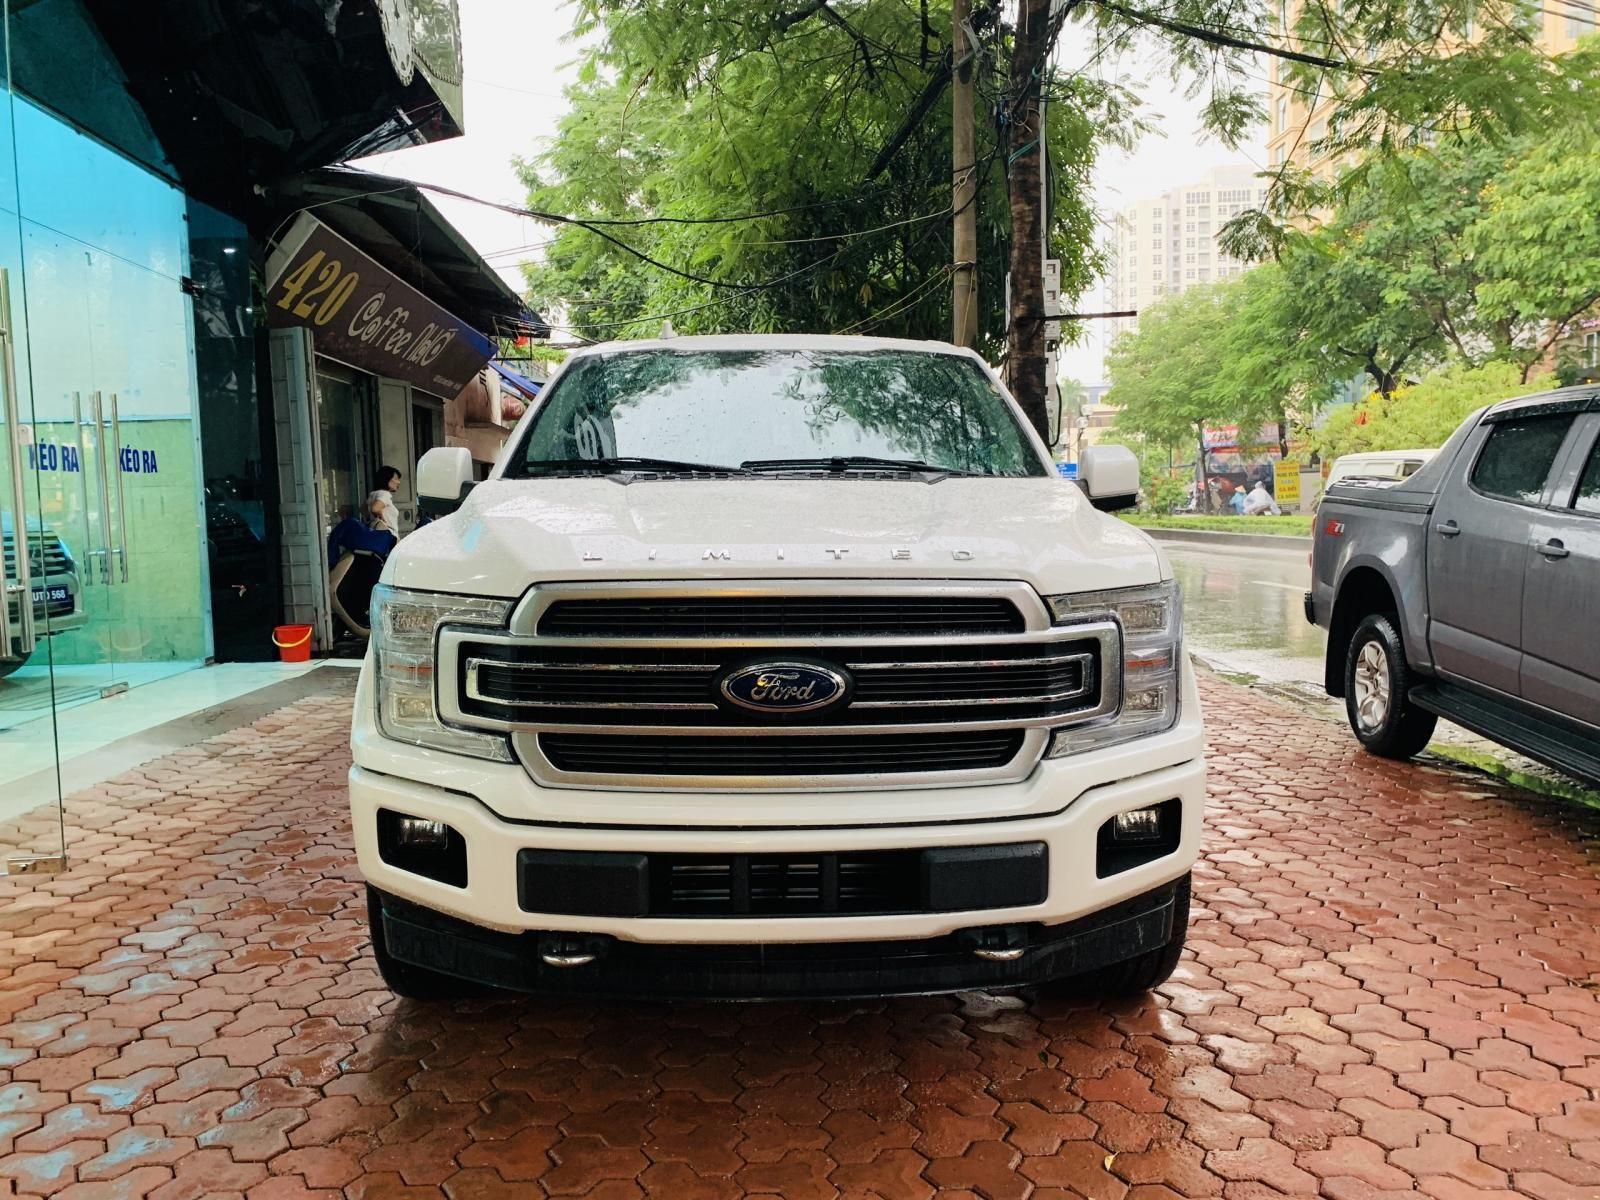 Bán nhanh chiếc Ford F150 Limited đời 2019, màu trắng, nhập khẩu nguyên chiếc